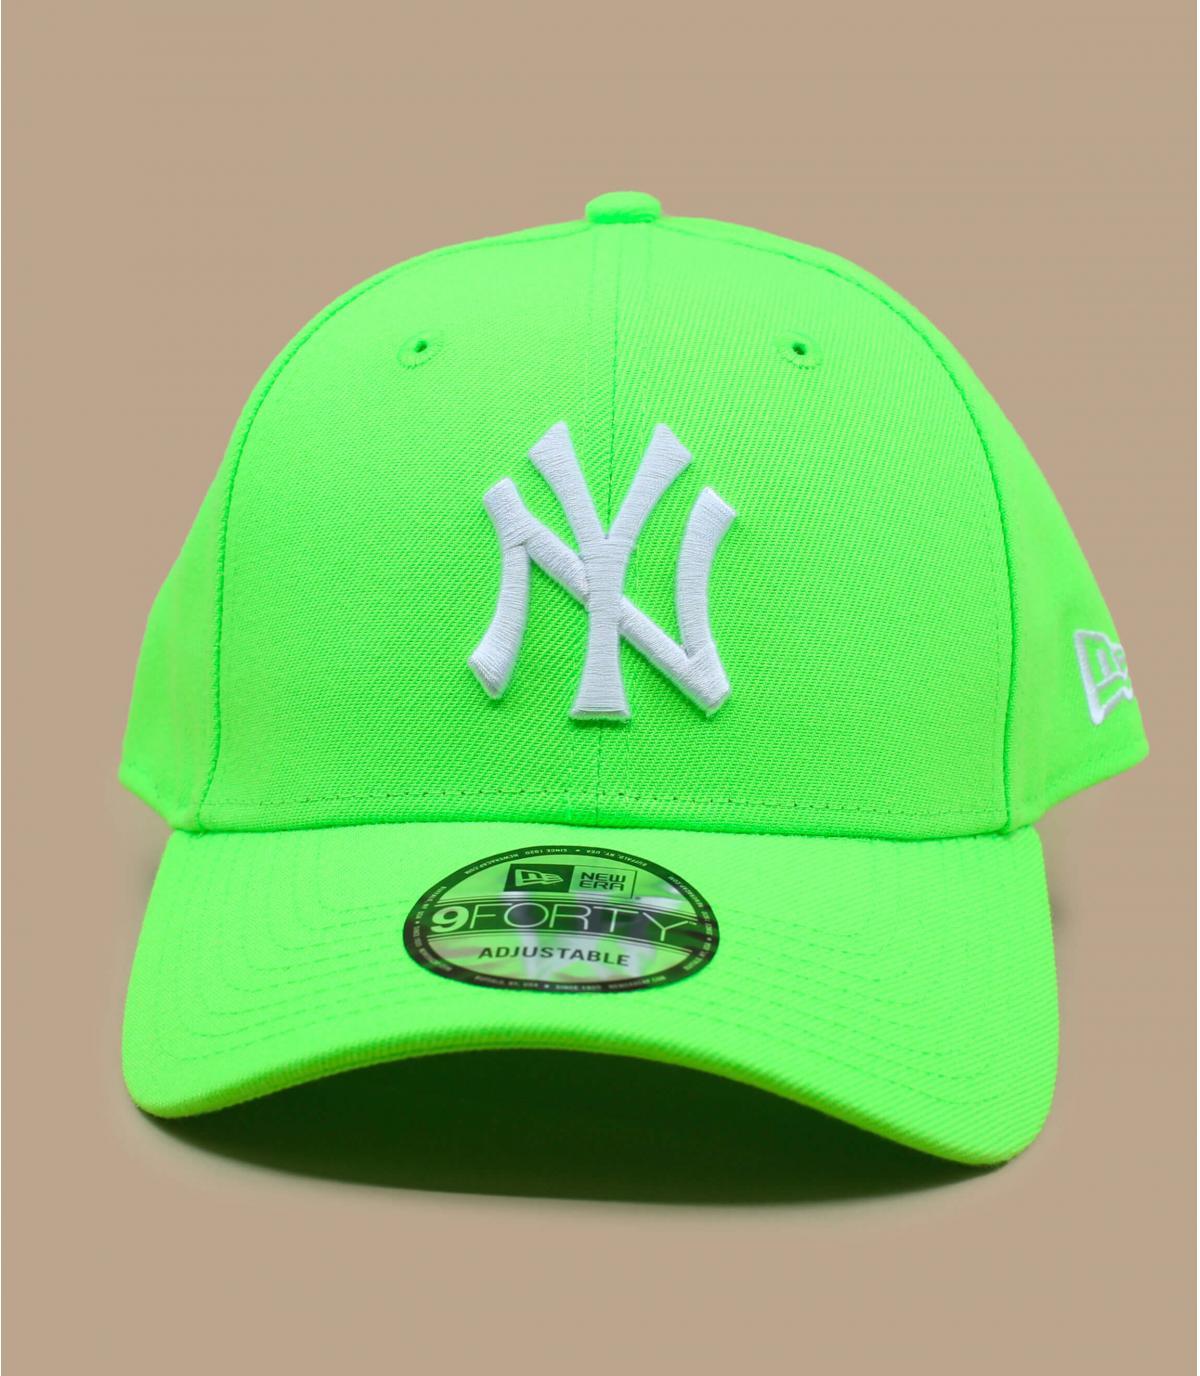 Détails Casquette League Ess 940 NY neon green - image 2